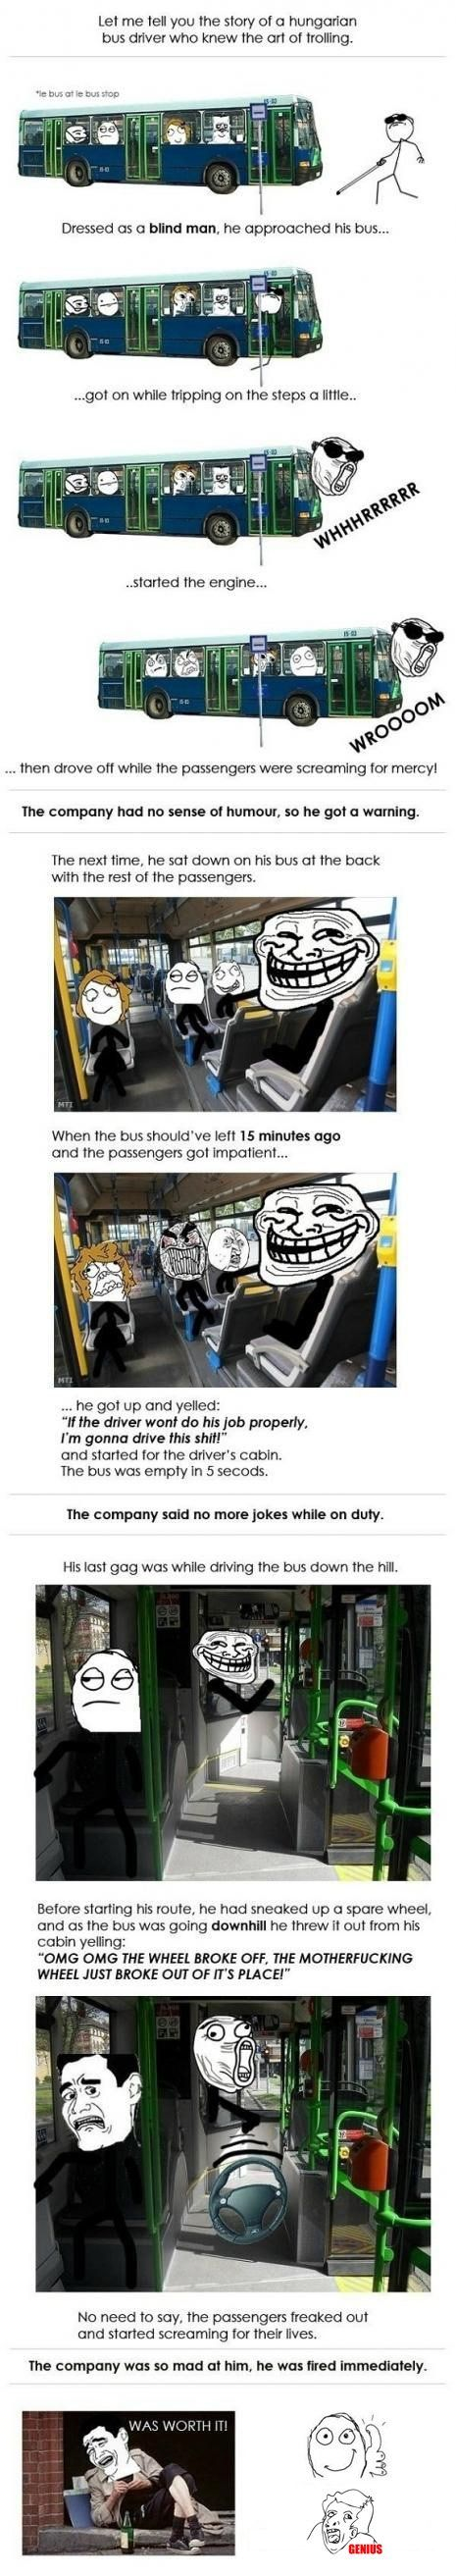 Busfahrertroll - was worth it!